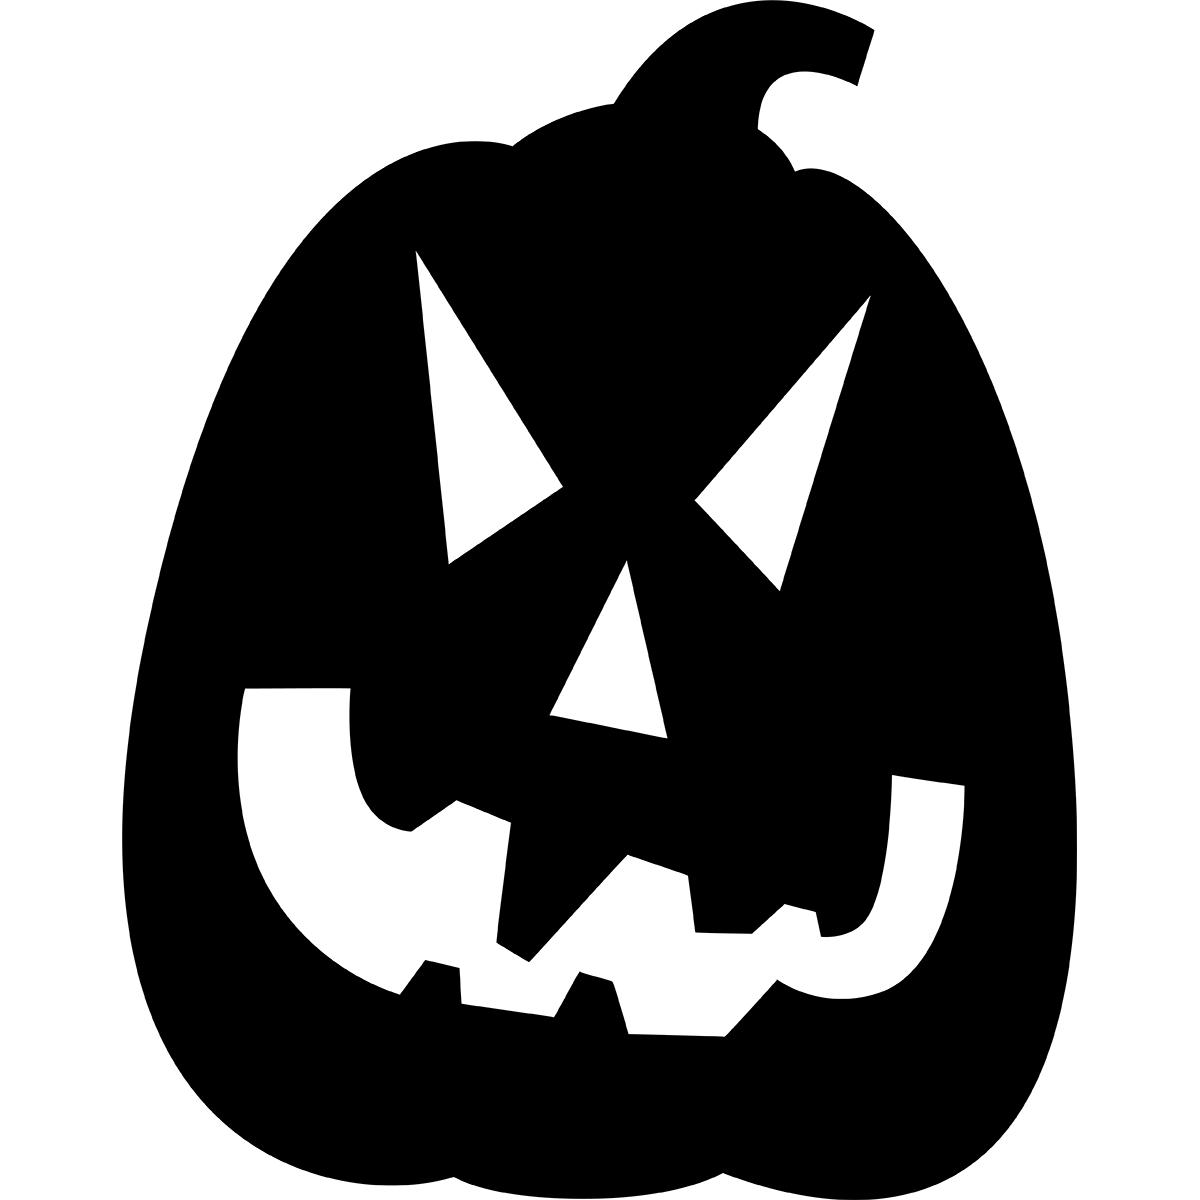 ハロウィンかぼちゃ(シルエット/細型) | 無料イラスト&かわいいフリー素材集 ねこ画伯コハクちゃん